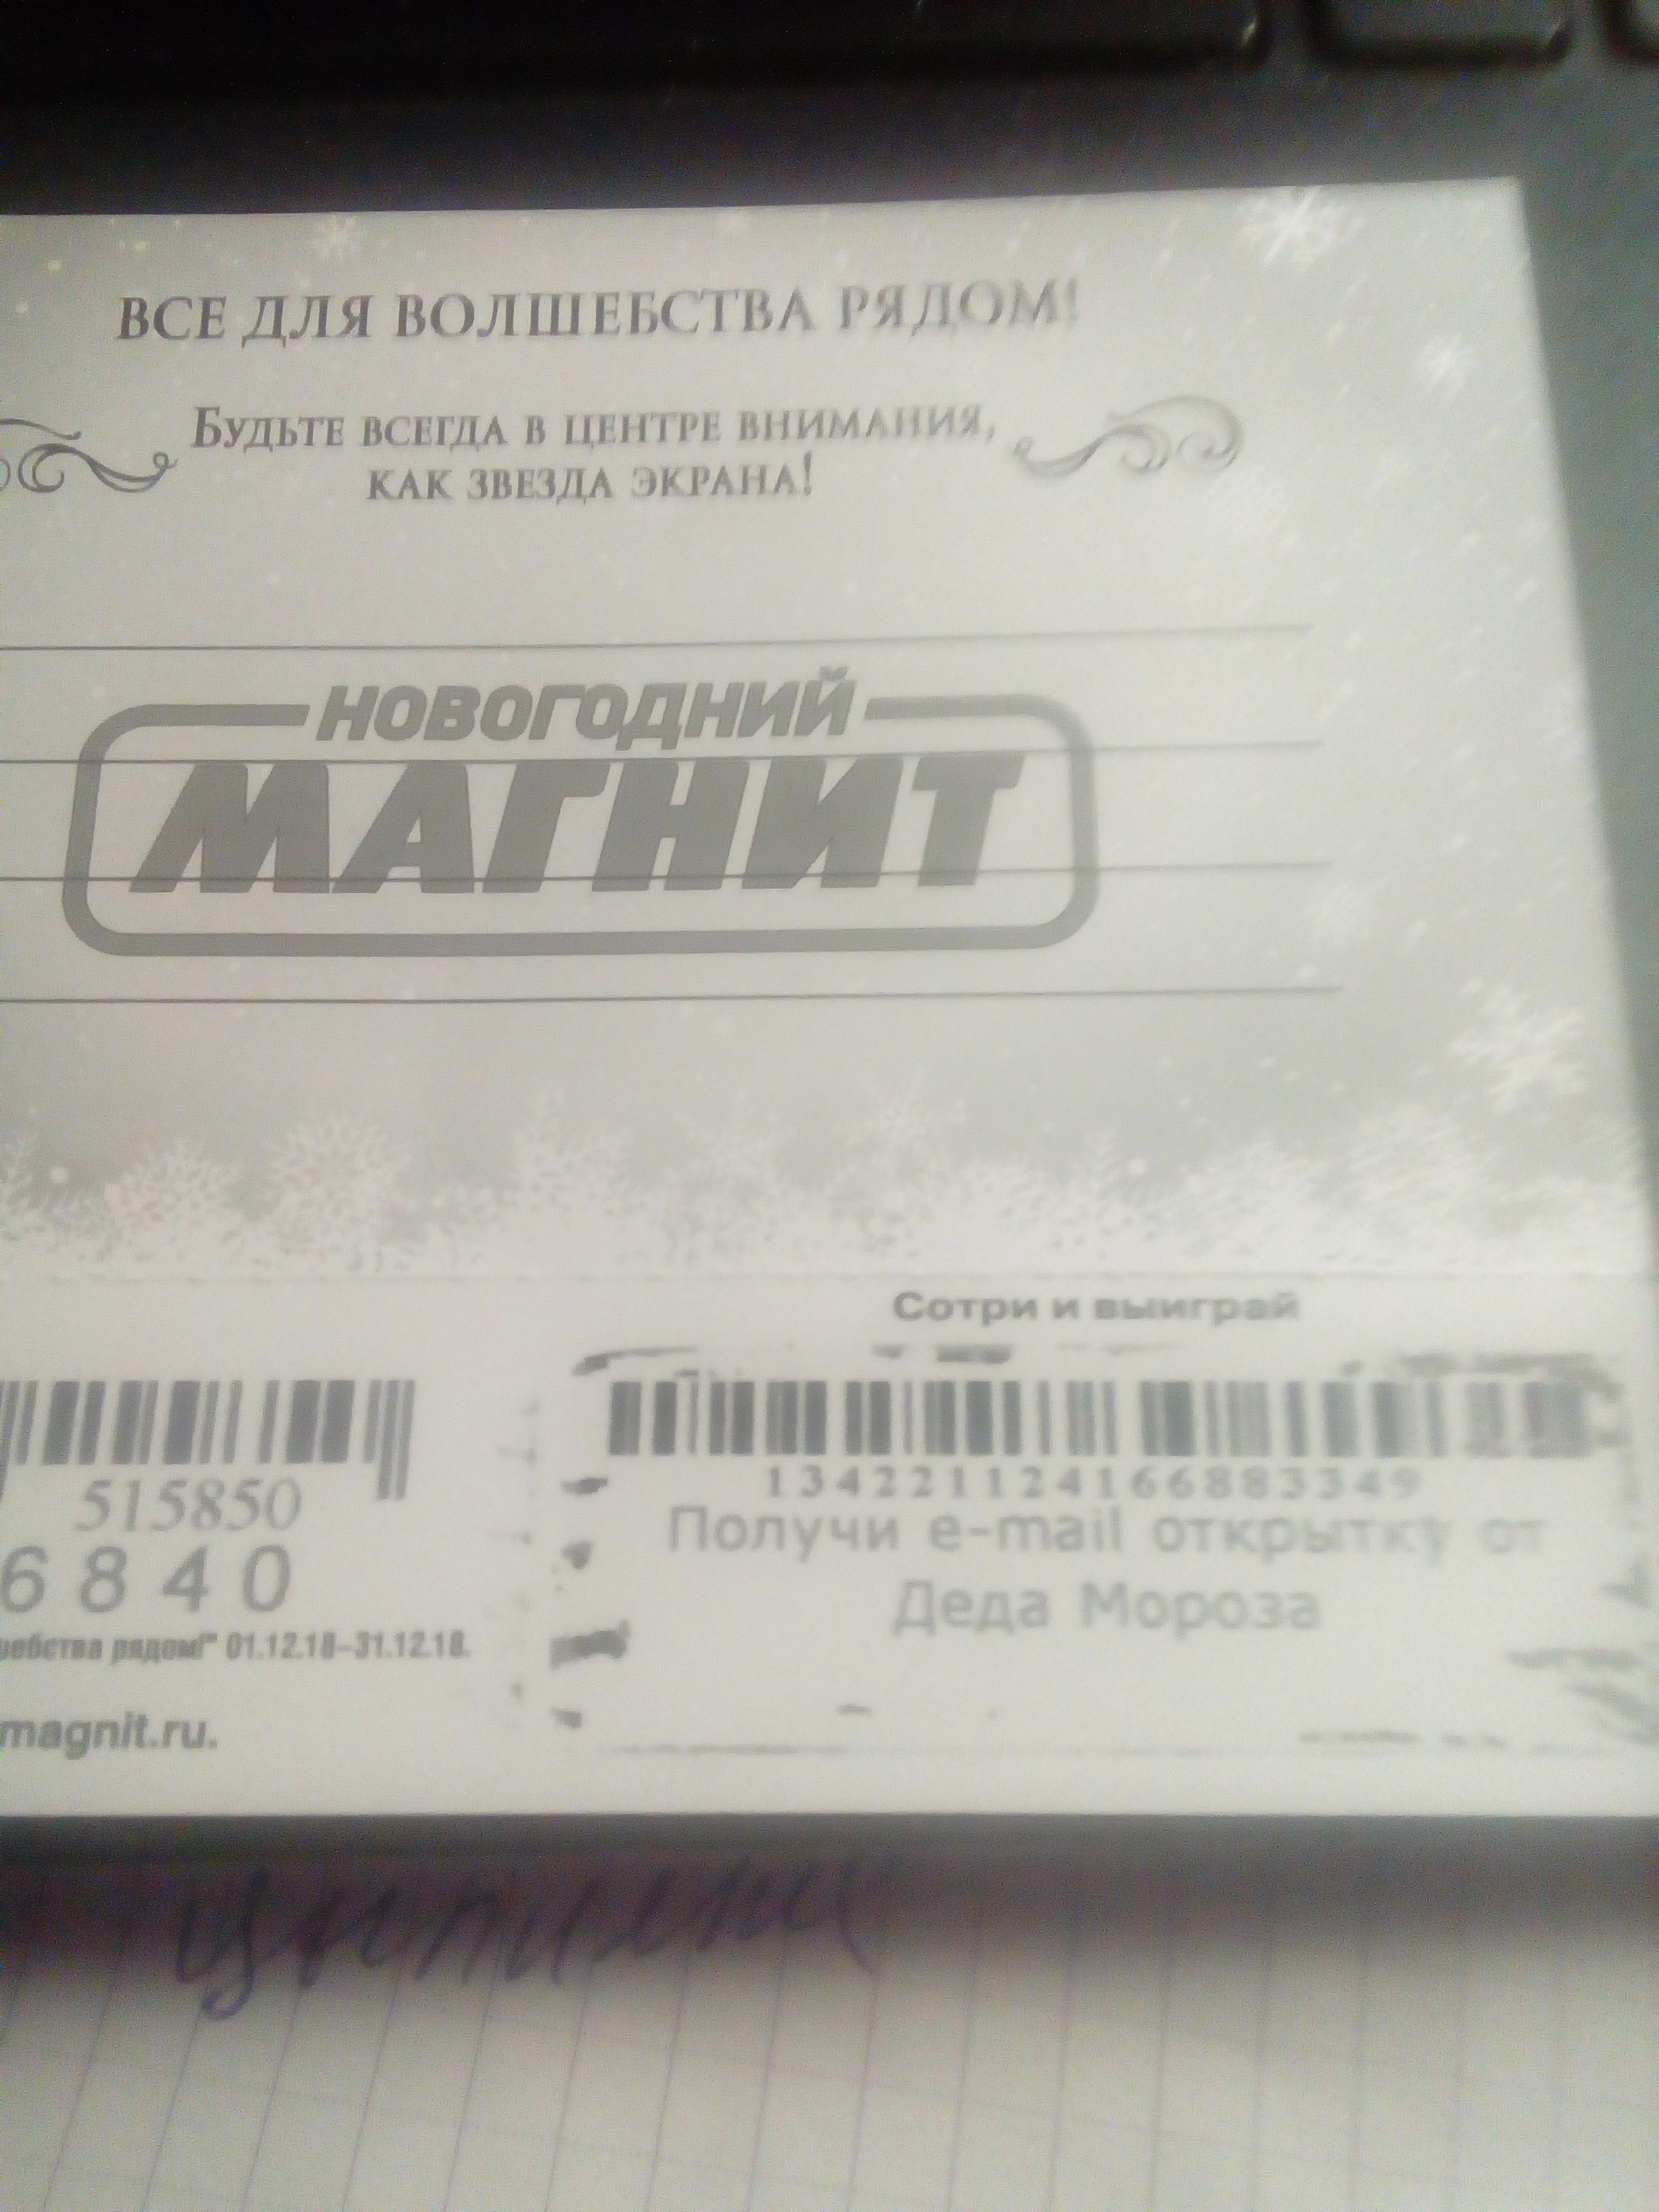 http://s7.uploads.ru/QK72u.jpg